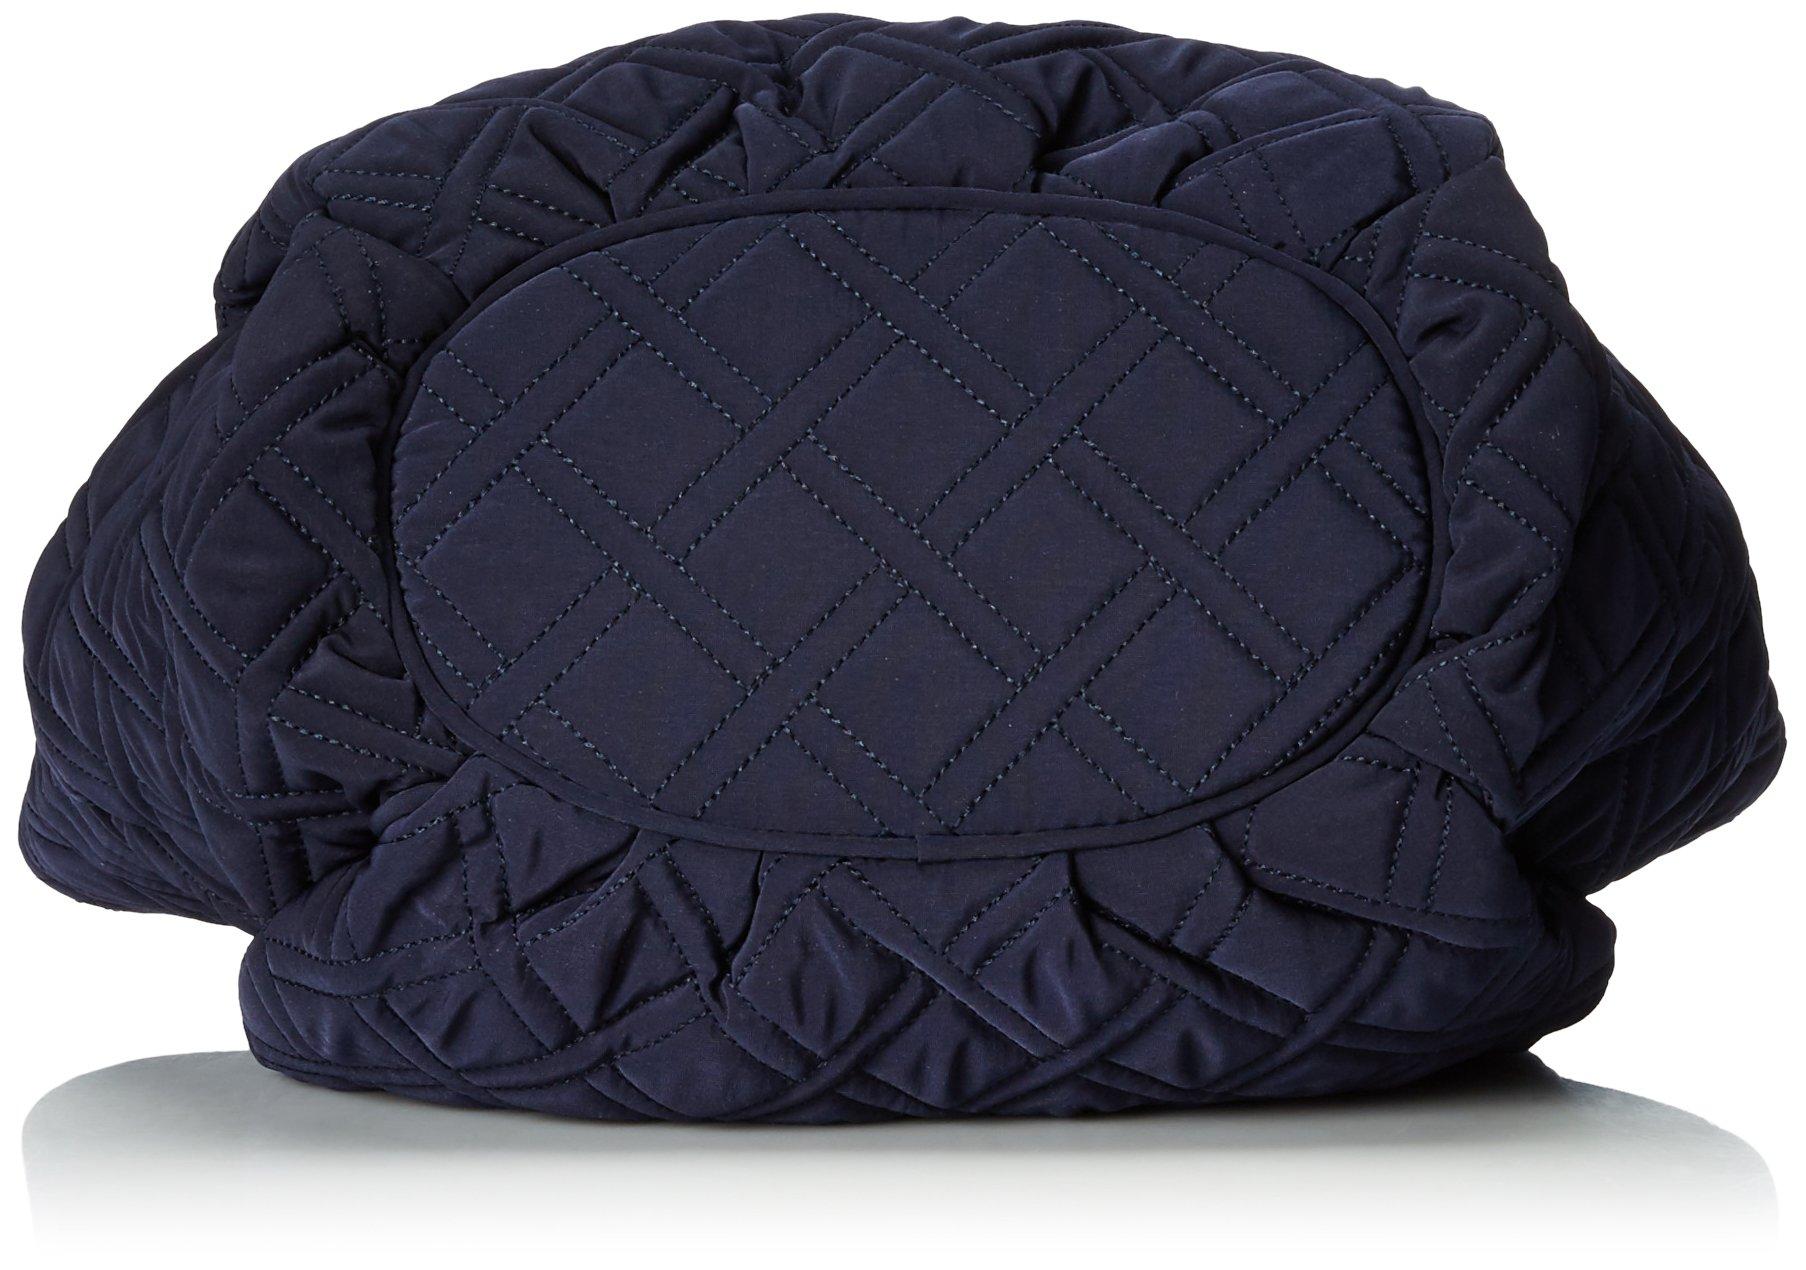 Vera Bradley Glenna 2 Shoulder Bag, Classic Navy, One Size by Vera Bradley (Image #4)